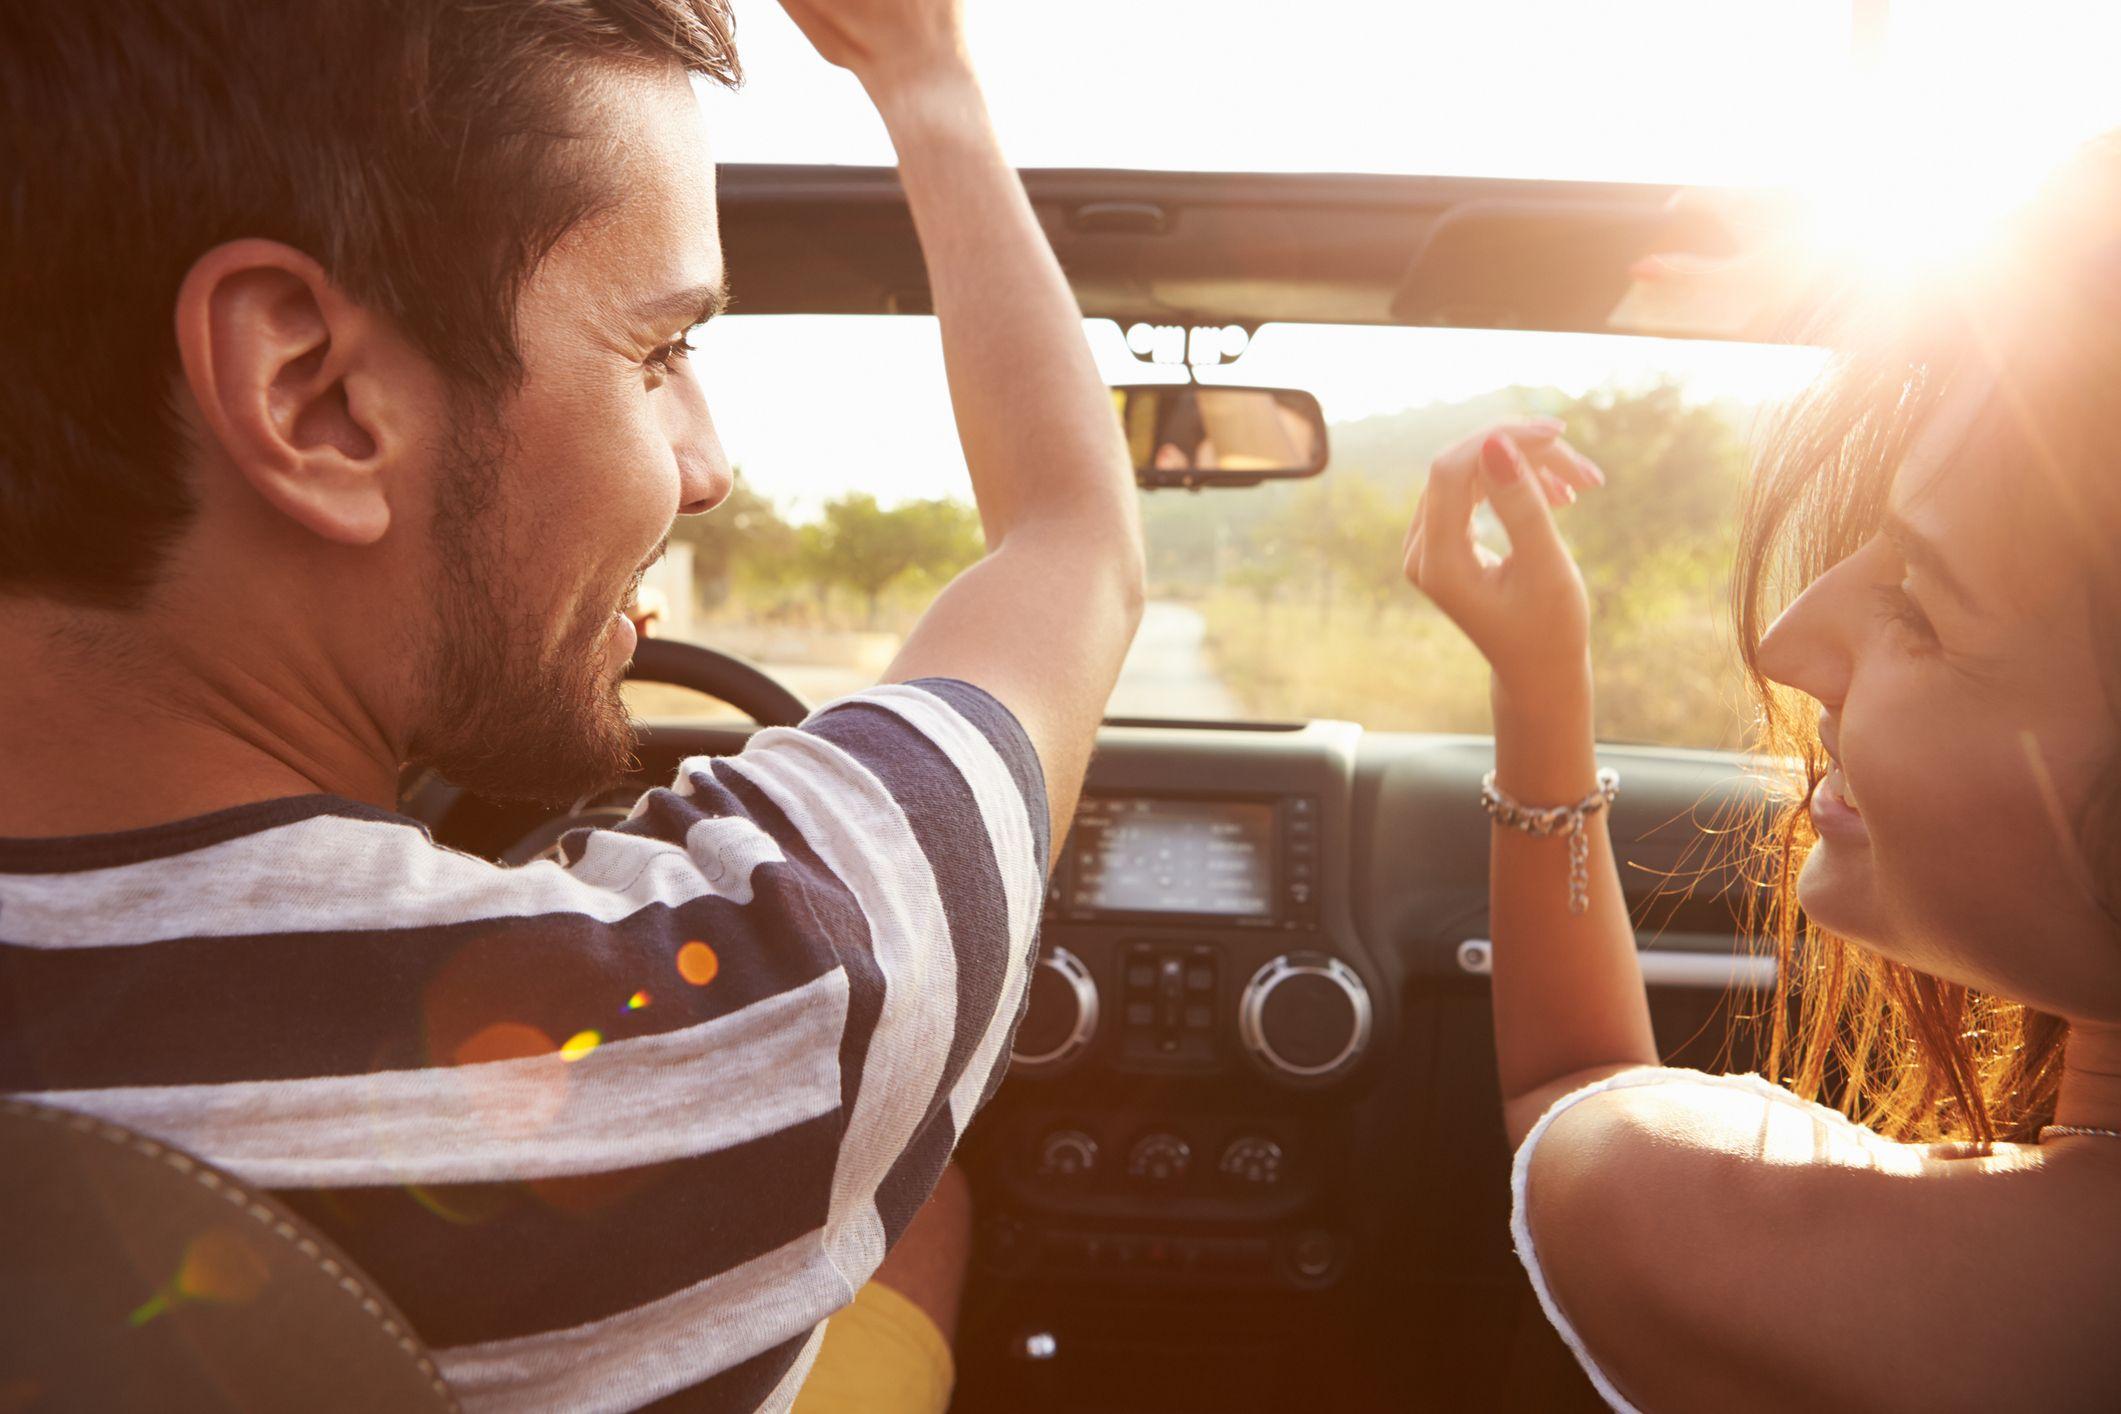 Як музика в авто впливає на водія 1